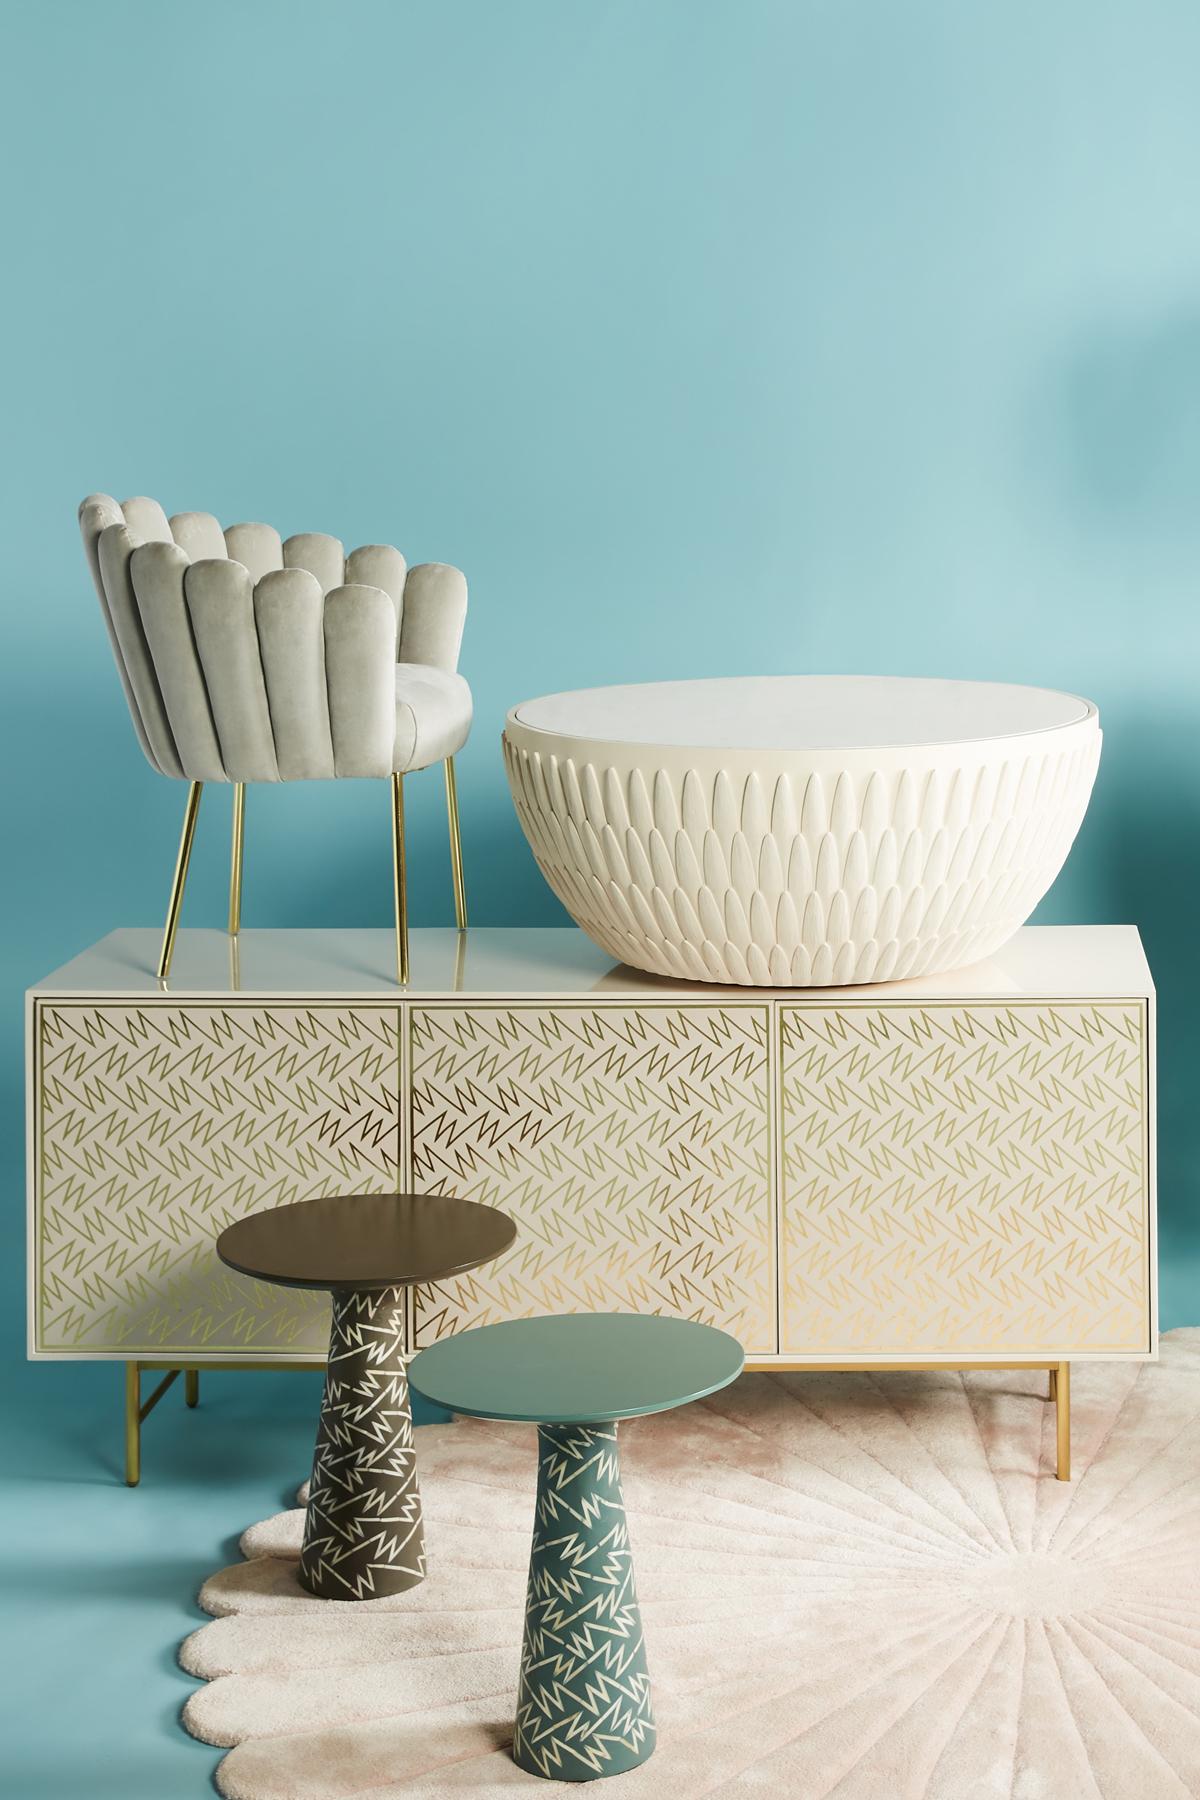 Style Tips From Designer Bethan Gray Livingetc